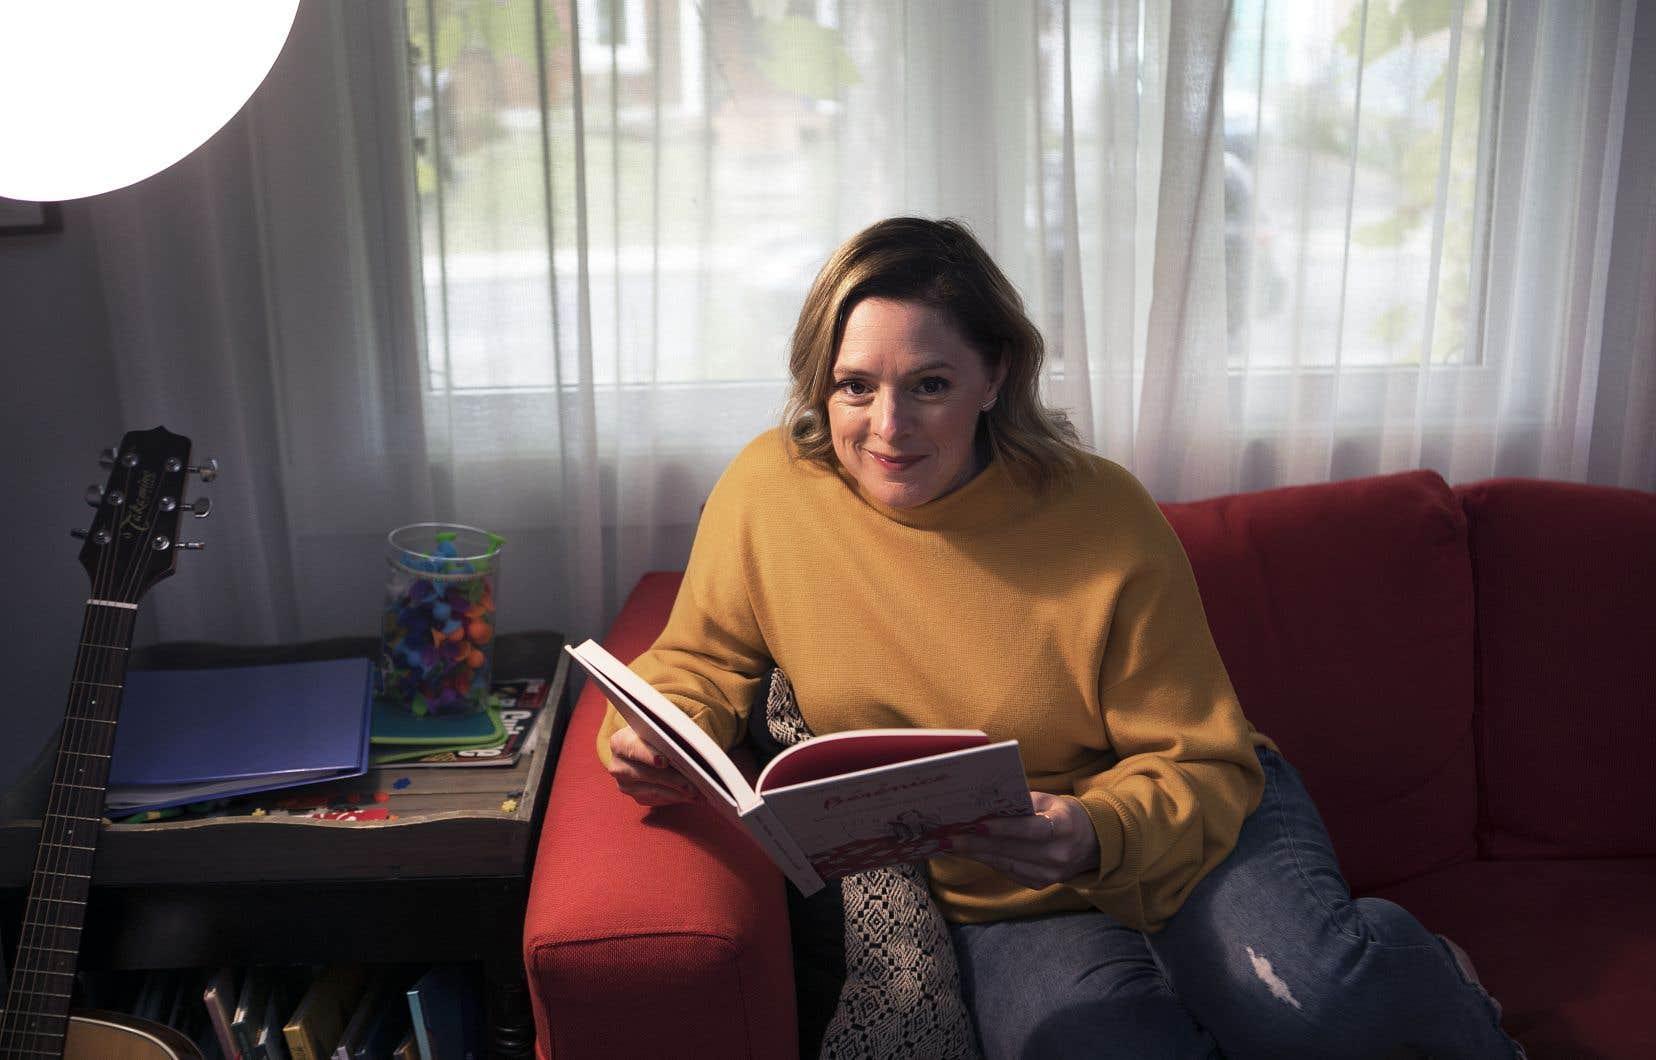 Avec son premier livre,  la comédienne et animatrice Catherine Trudeau jette avec fougue, spontanéité  et sagacité  un regard sensible  sur la lecture  et sur la littérature.